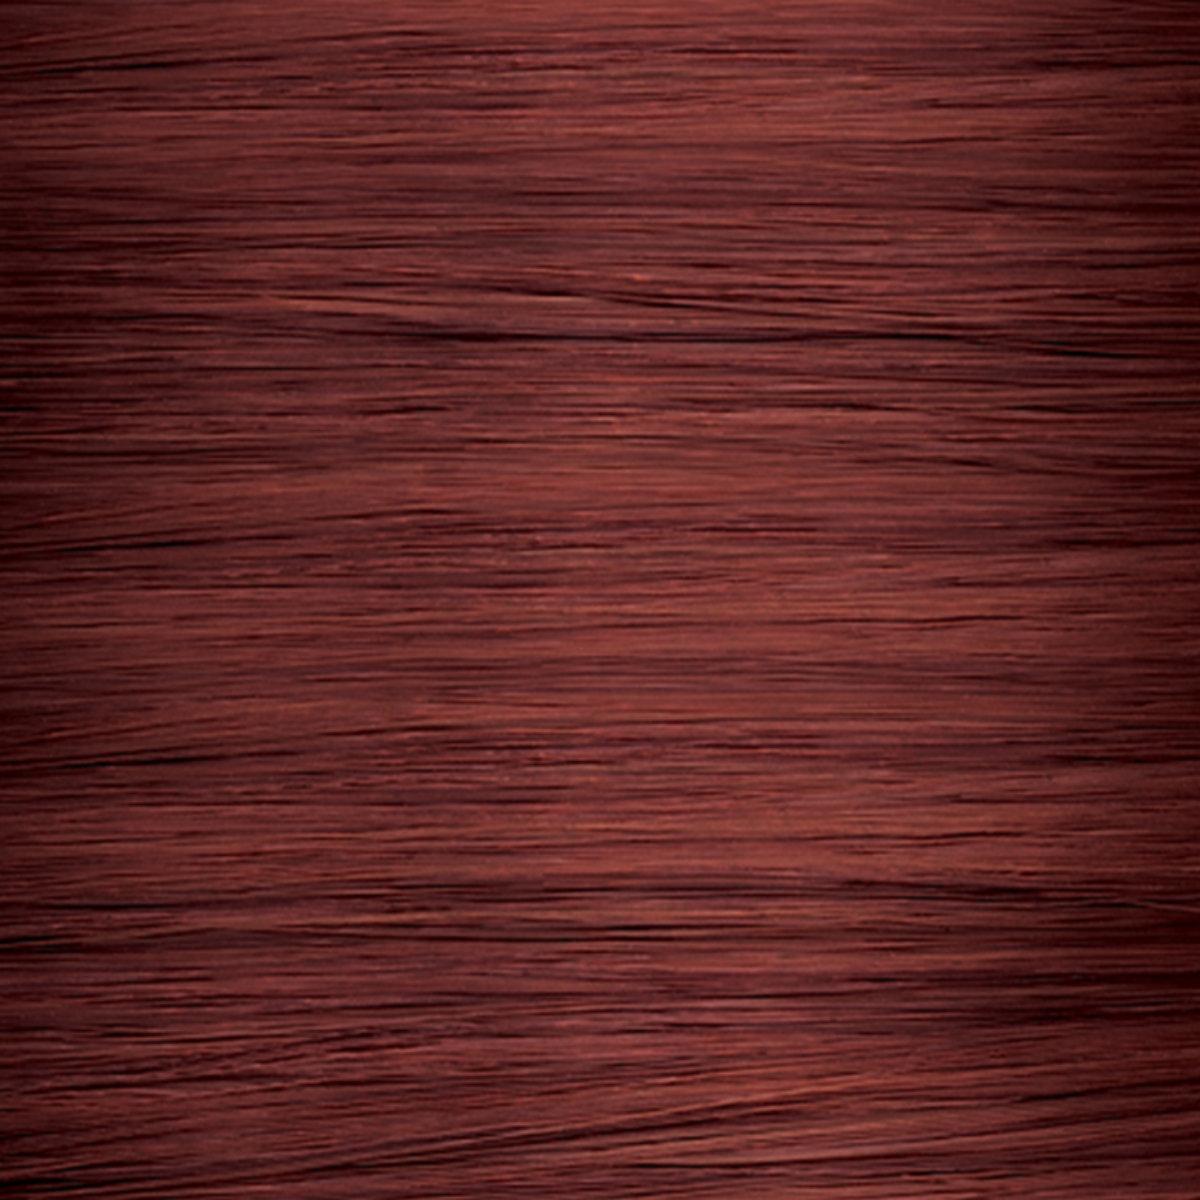 Raspberry truffle hair color